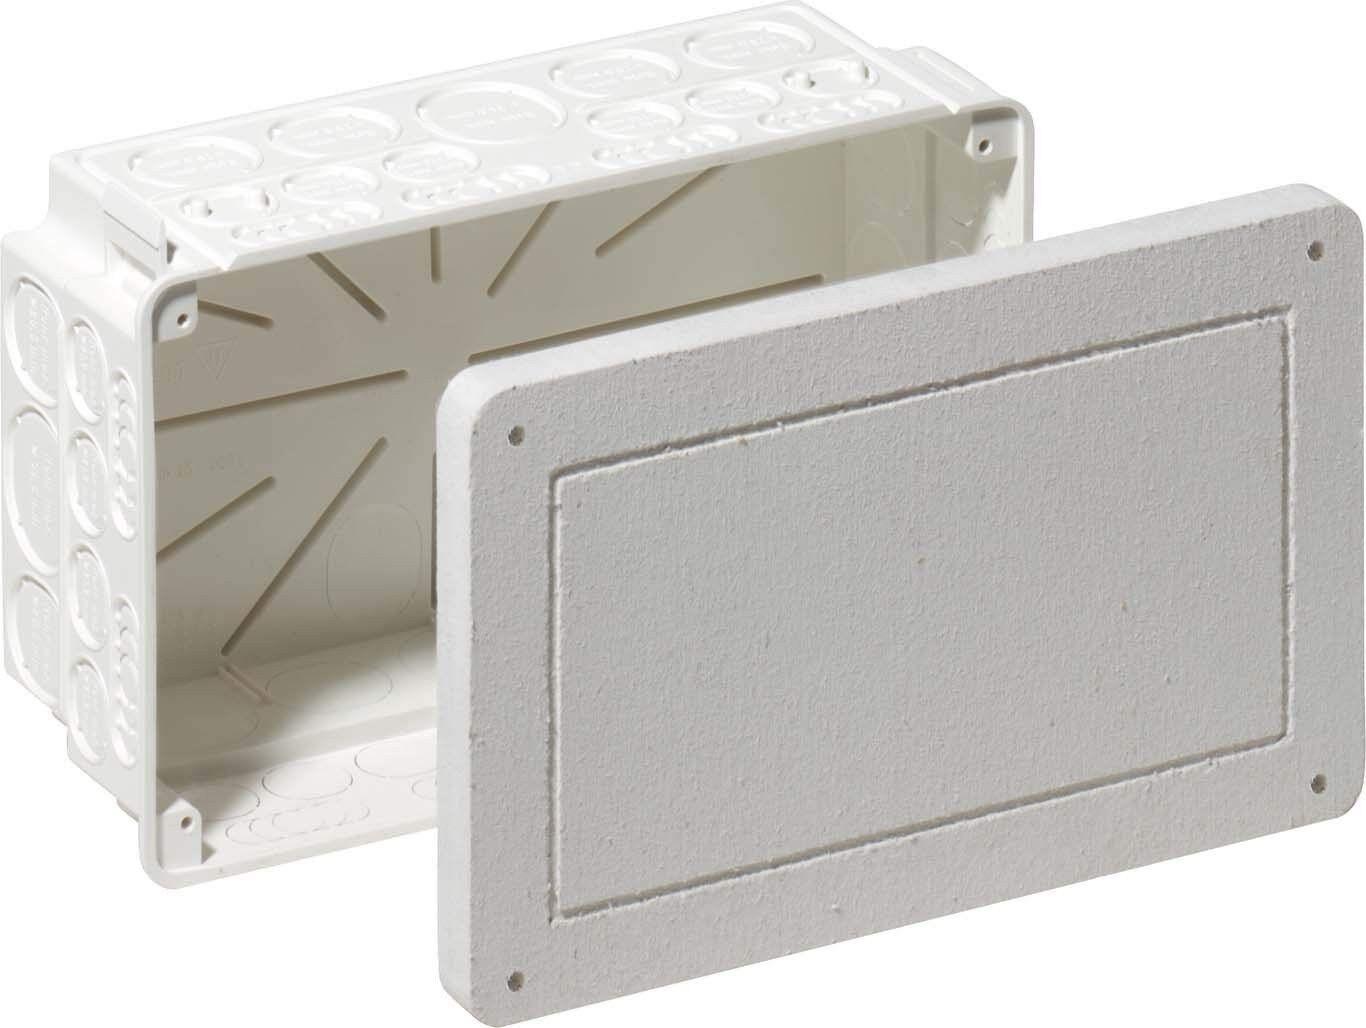 Kaiser – Box Montage Universal Panel Faser Mineral 240 x 142 x 102   Hohe Sicherheit